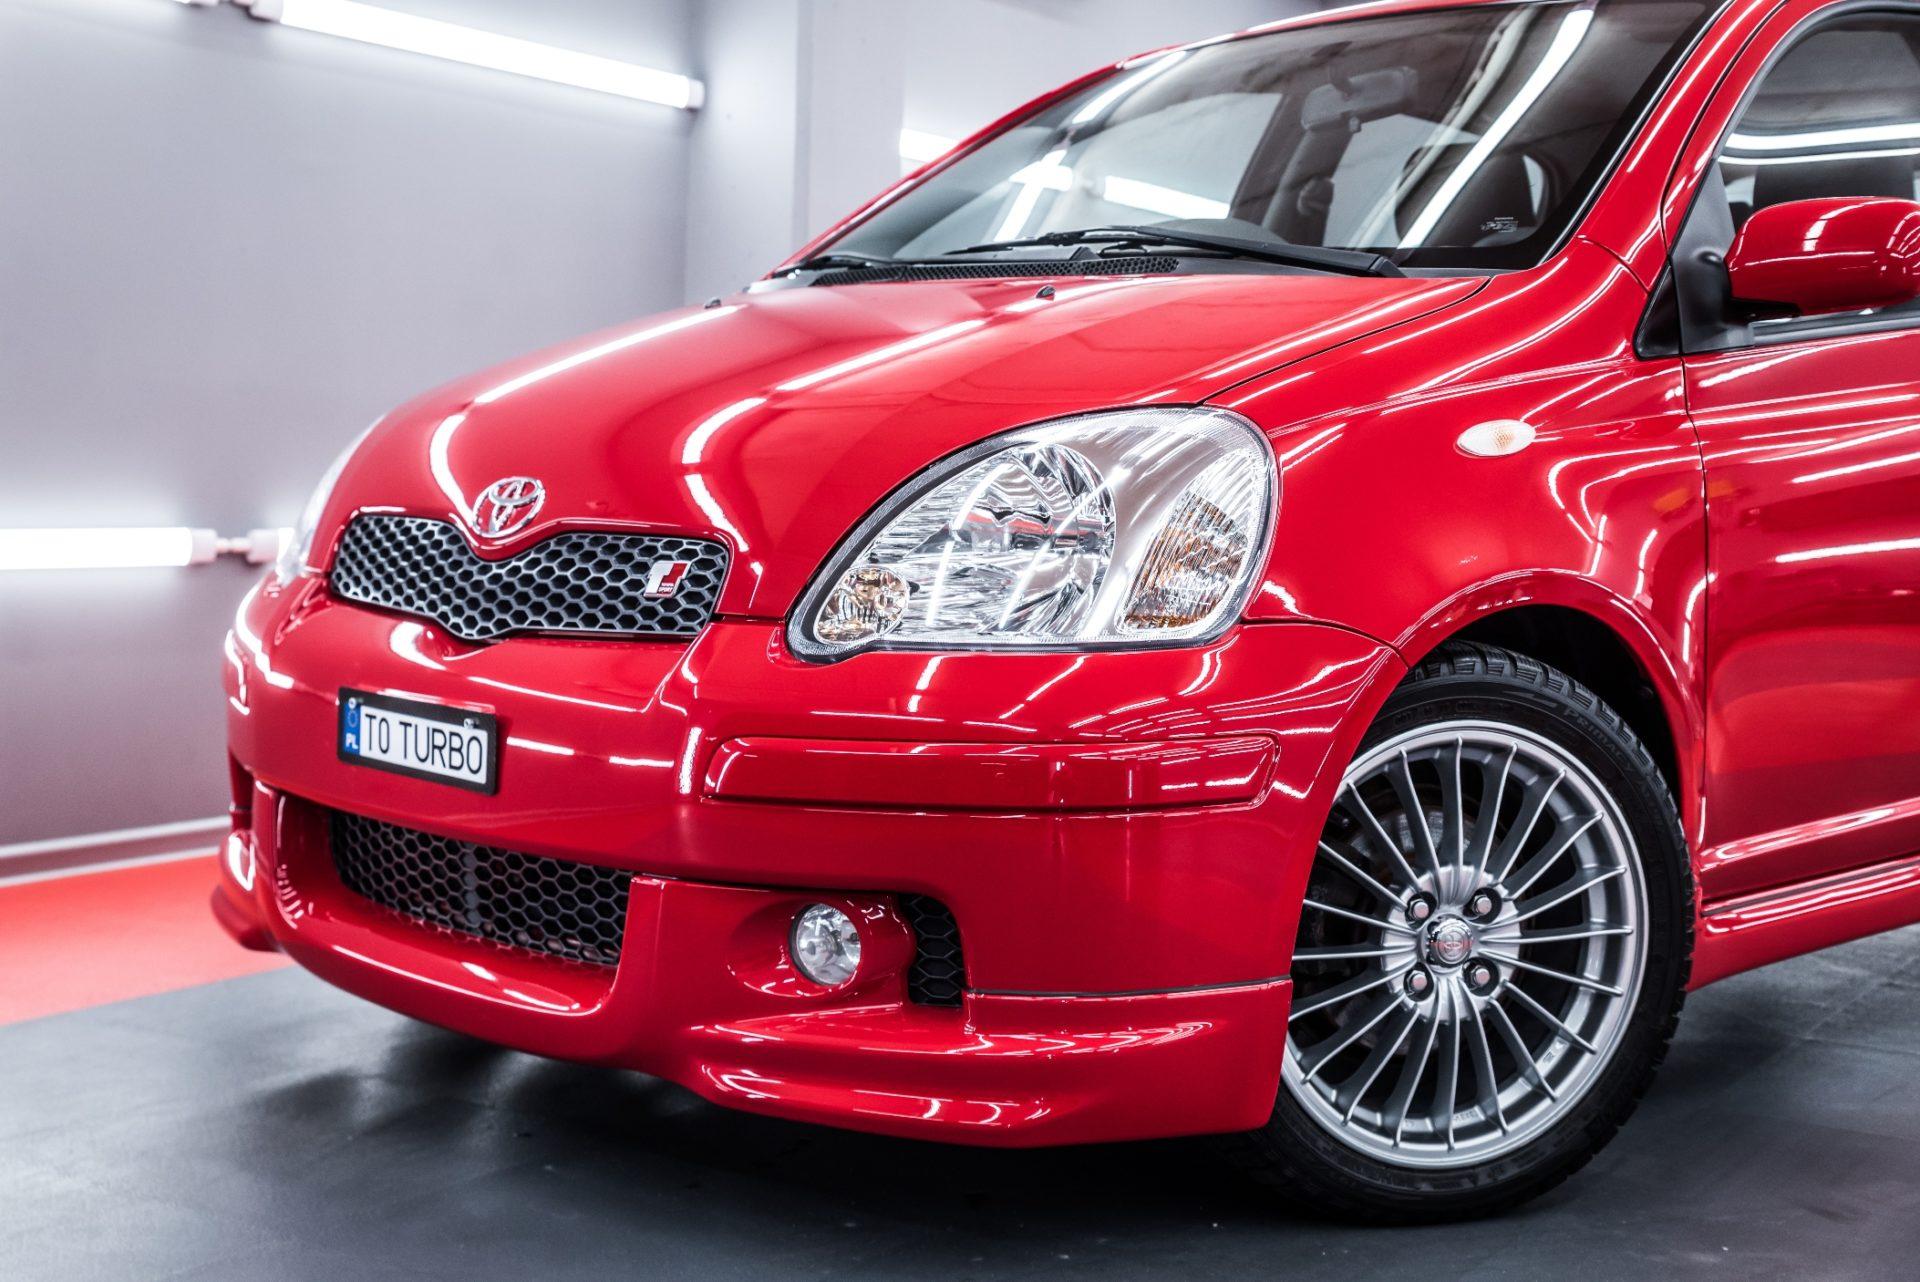 Toyota Yaris TS Turbo Limitowany 1 z 400 sztuk